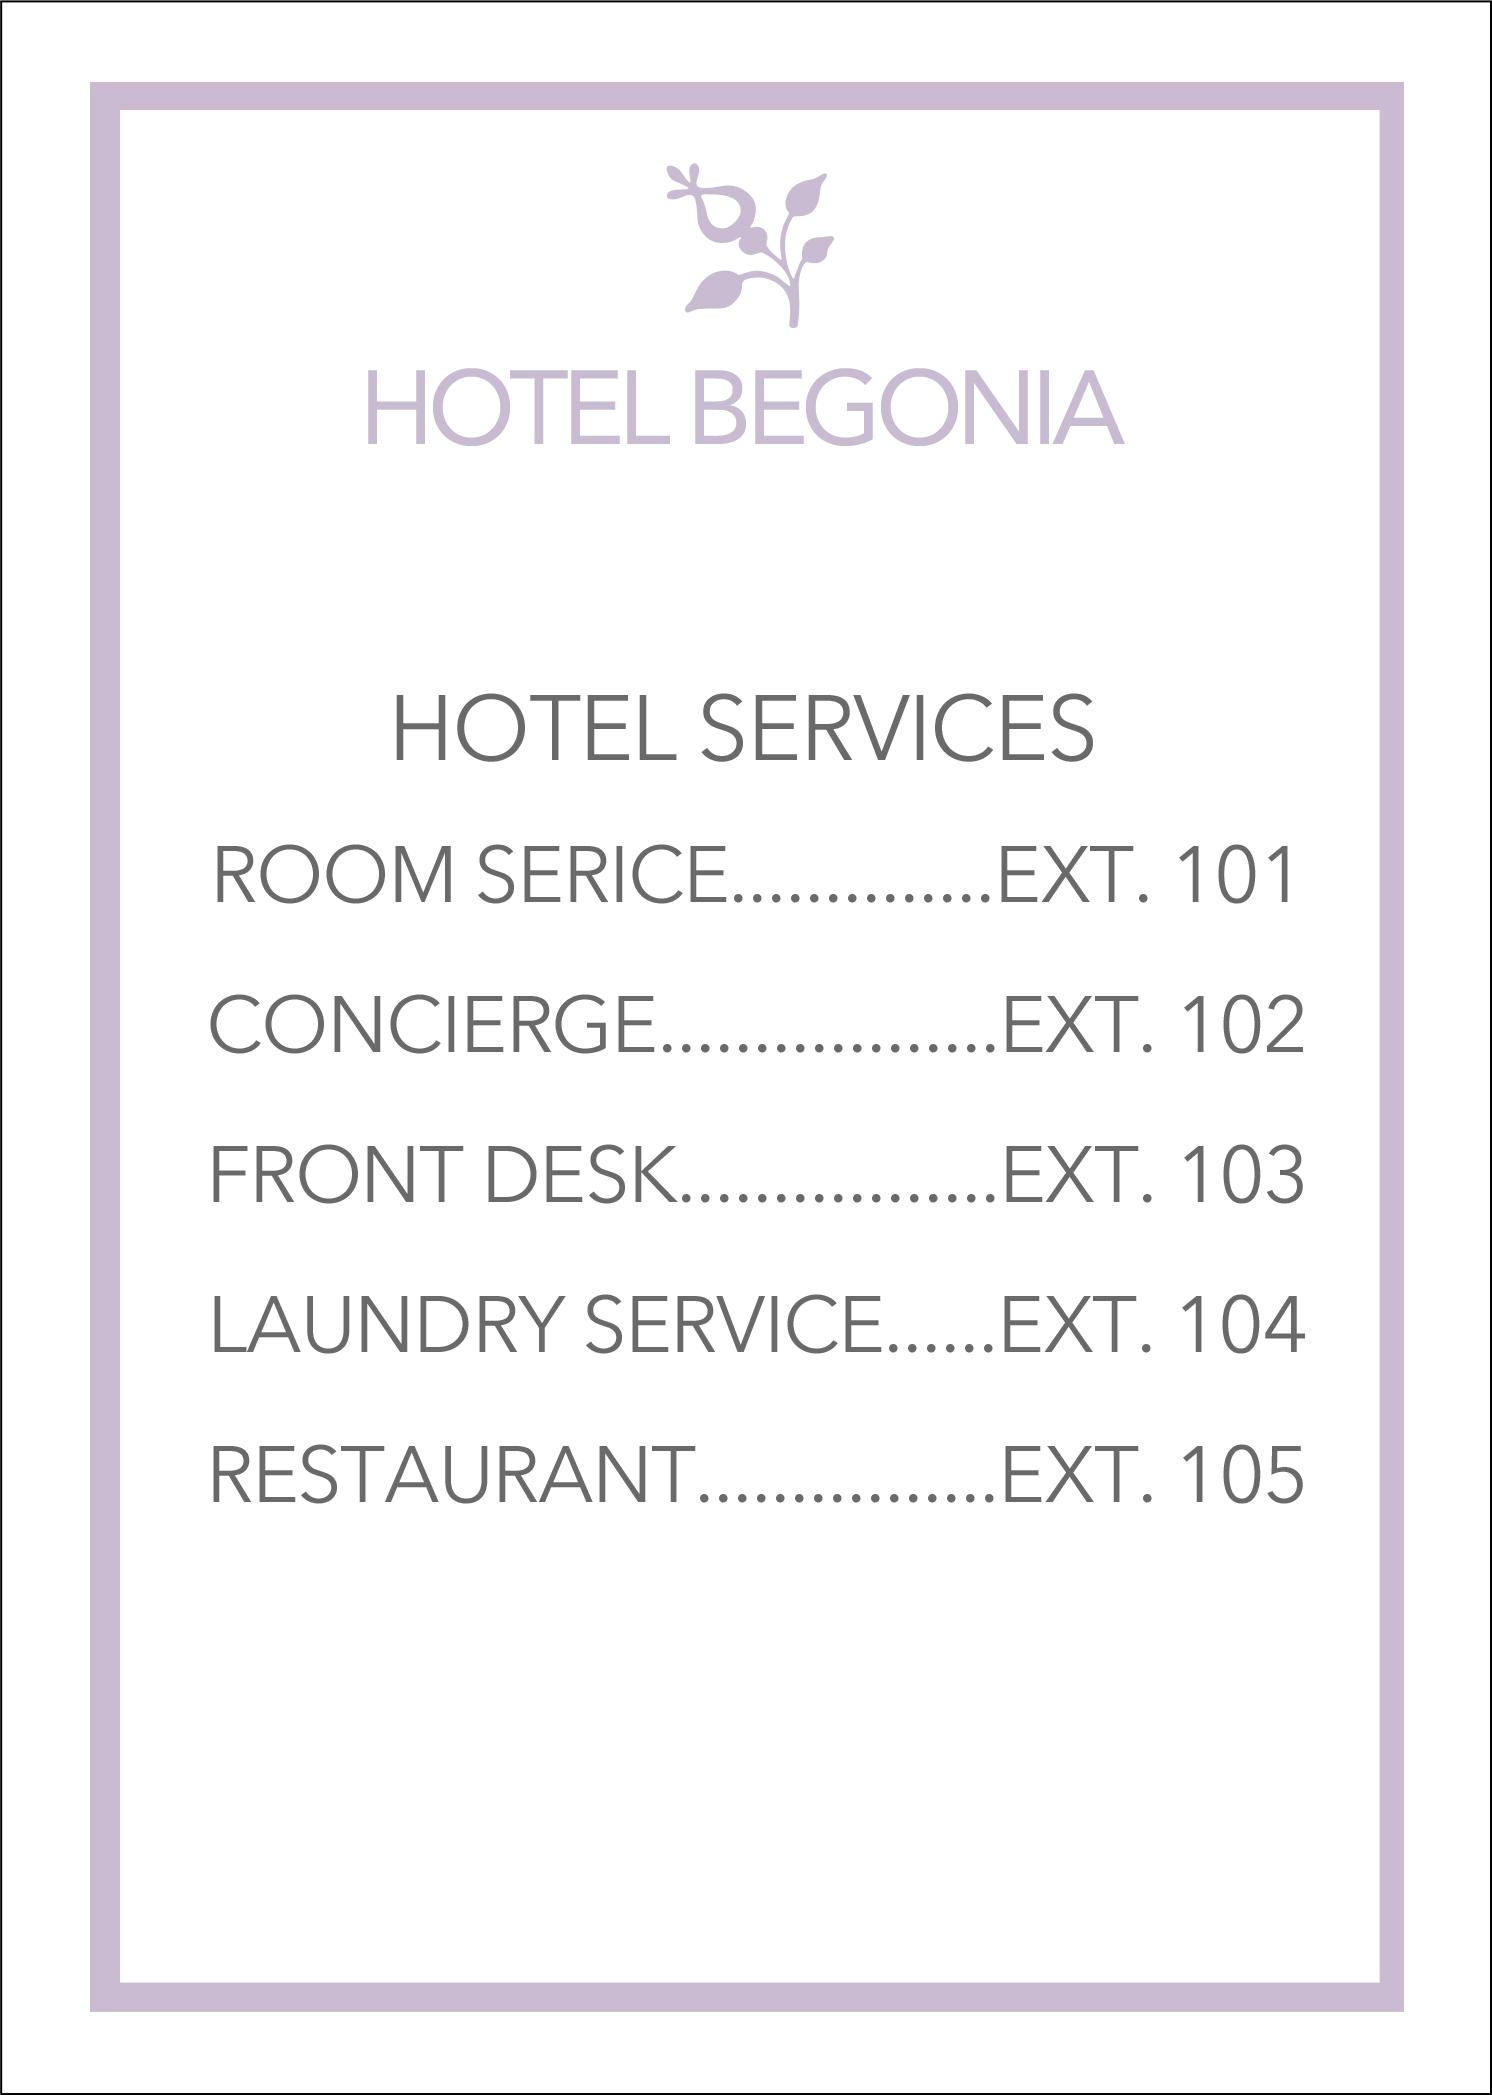 Hotel Begonia Phone